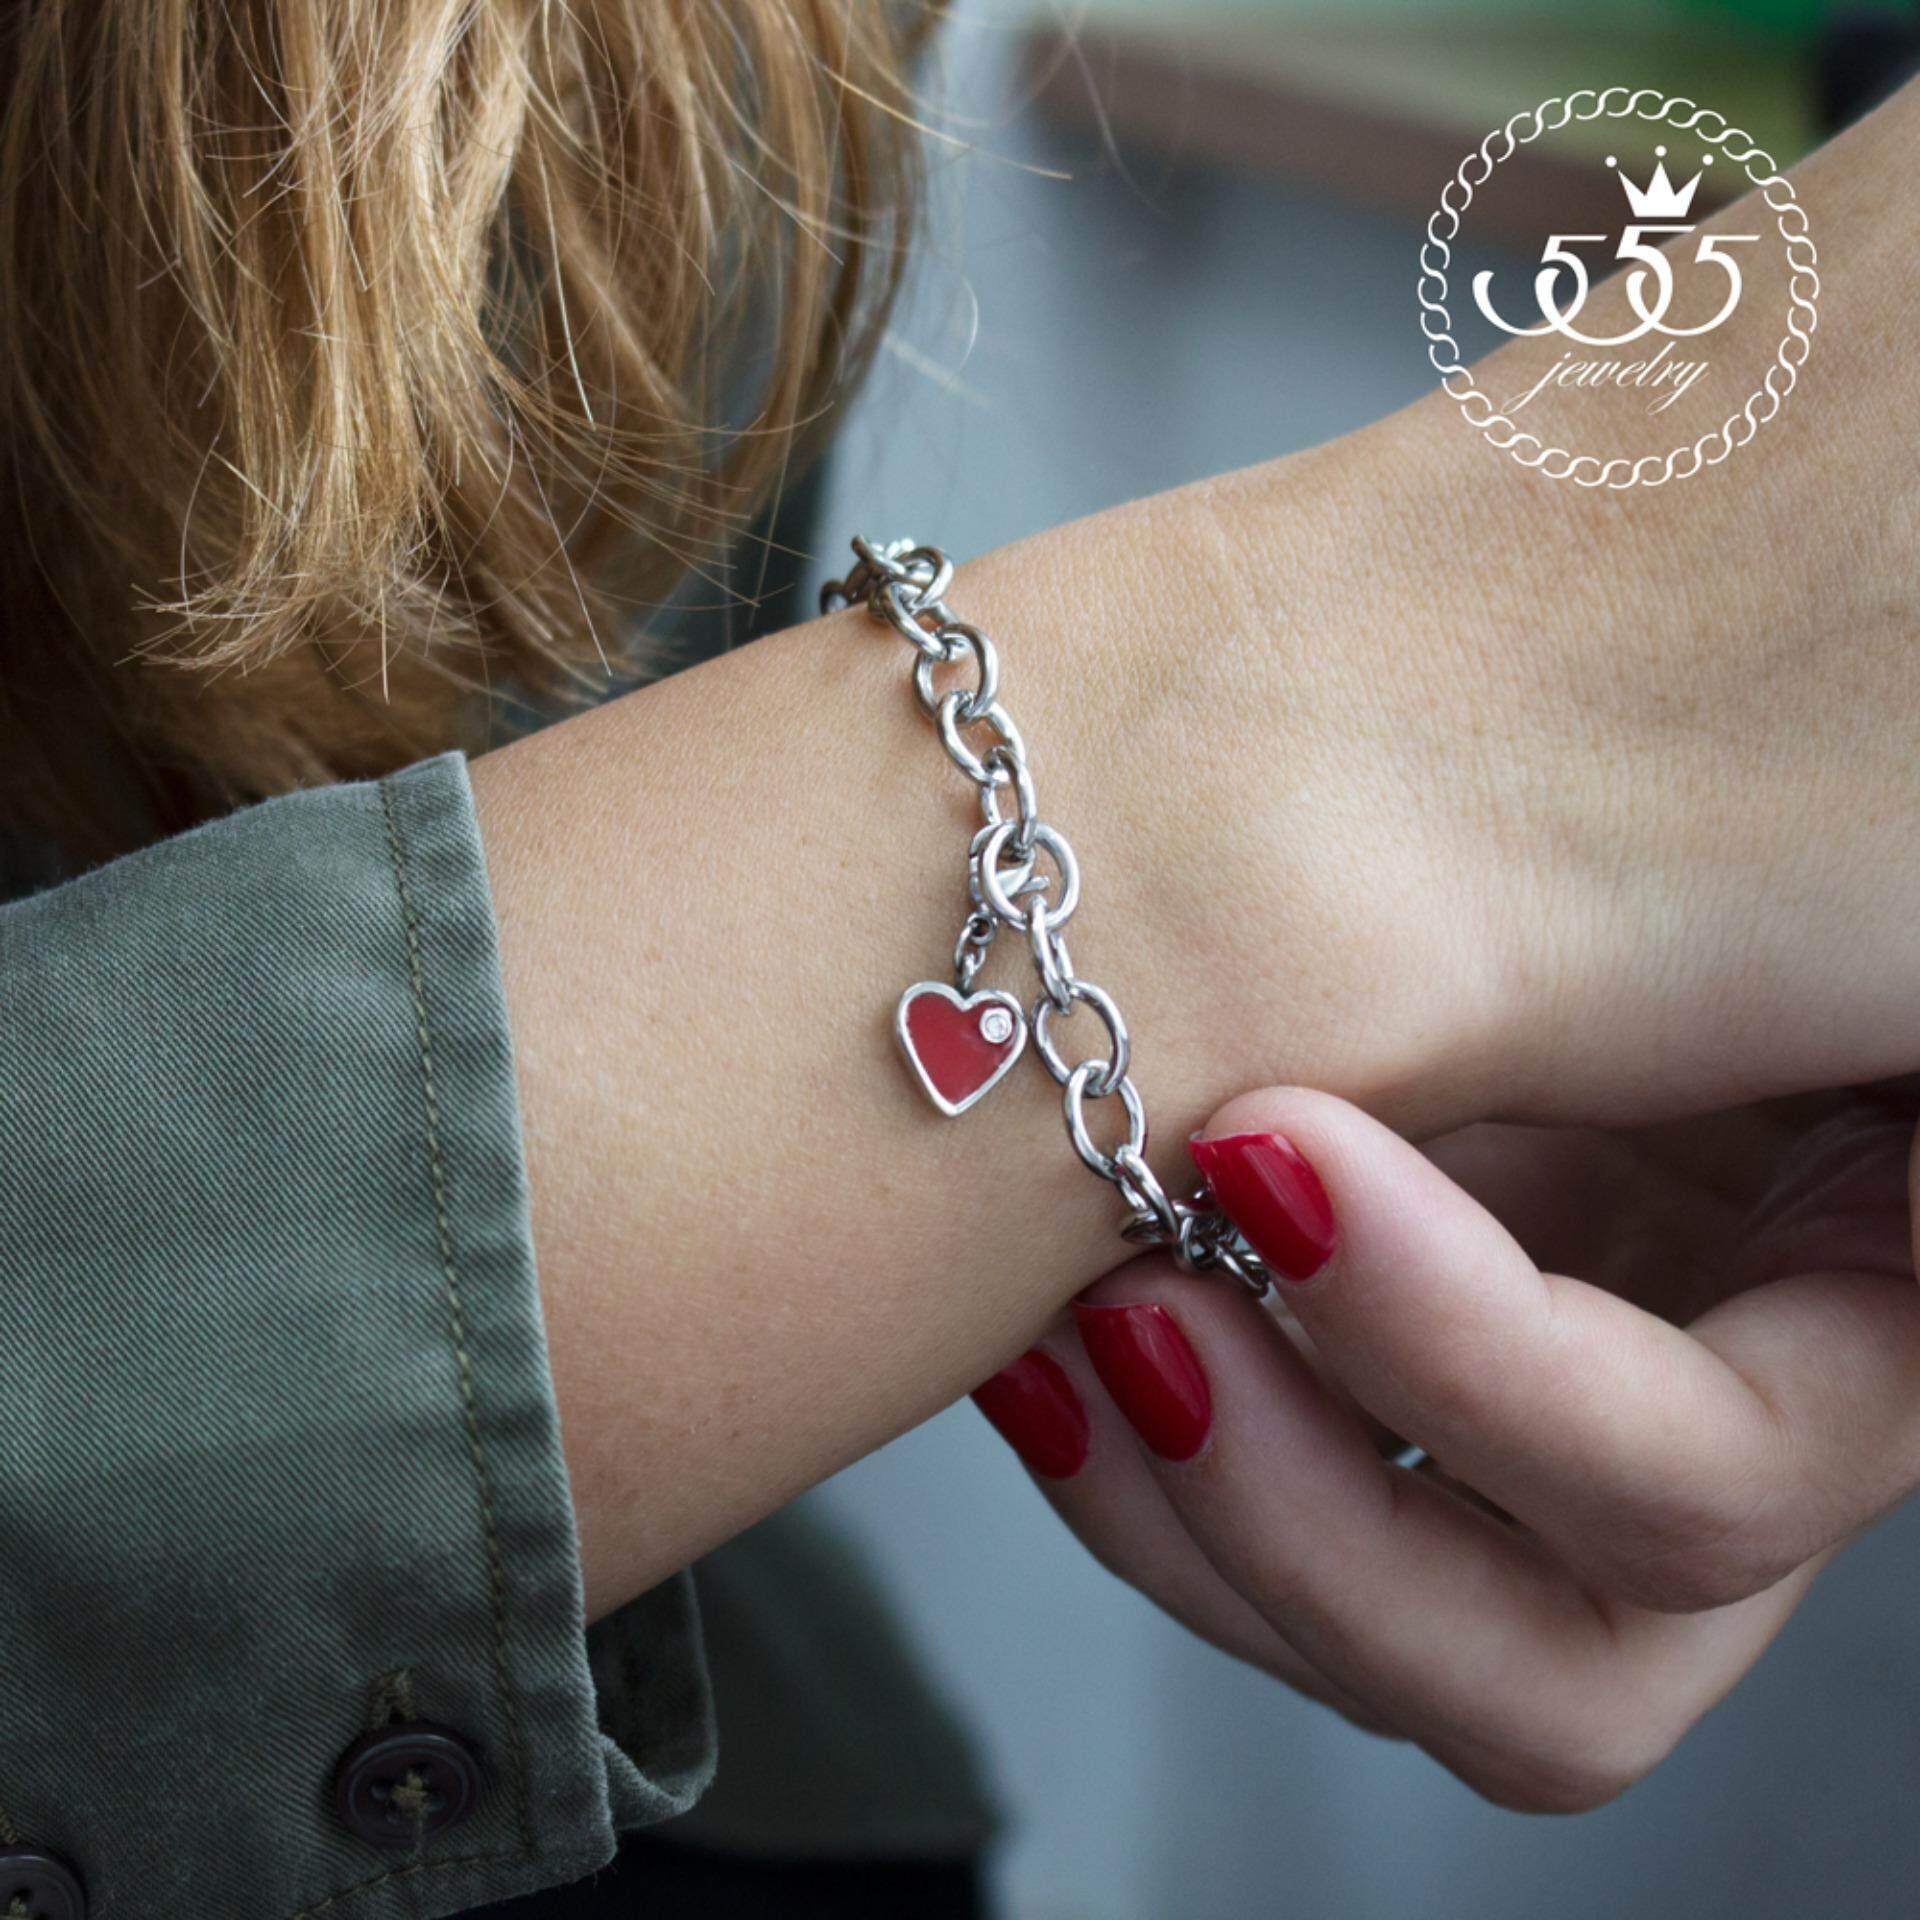 ขาย ซื้อ ออนไลน์ 555Jewelry สร้อยข้อมือ พร้อม Charm รูปหัวใจสีแดงประดับด้วย Cz สีขาว รุ่น Ssch 077 สี Steel สร้อยข้อมือ สร้อยข้อมือผู้หญิง สร้อยข้อมือคู่ สร้อยข้อมือทอง กำไลข้อมือหญิง ข้อมือสแตนเลส